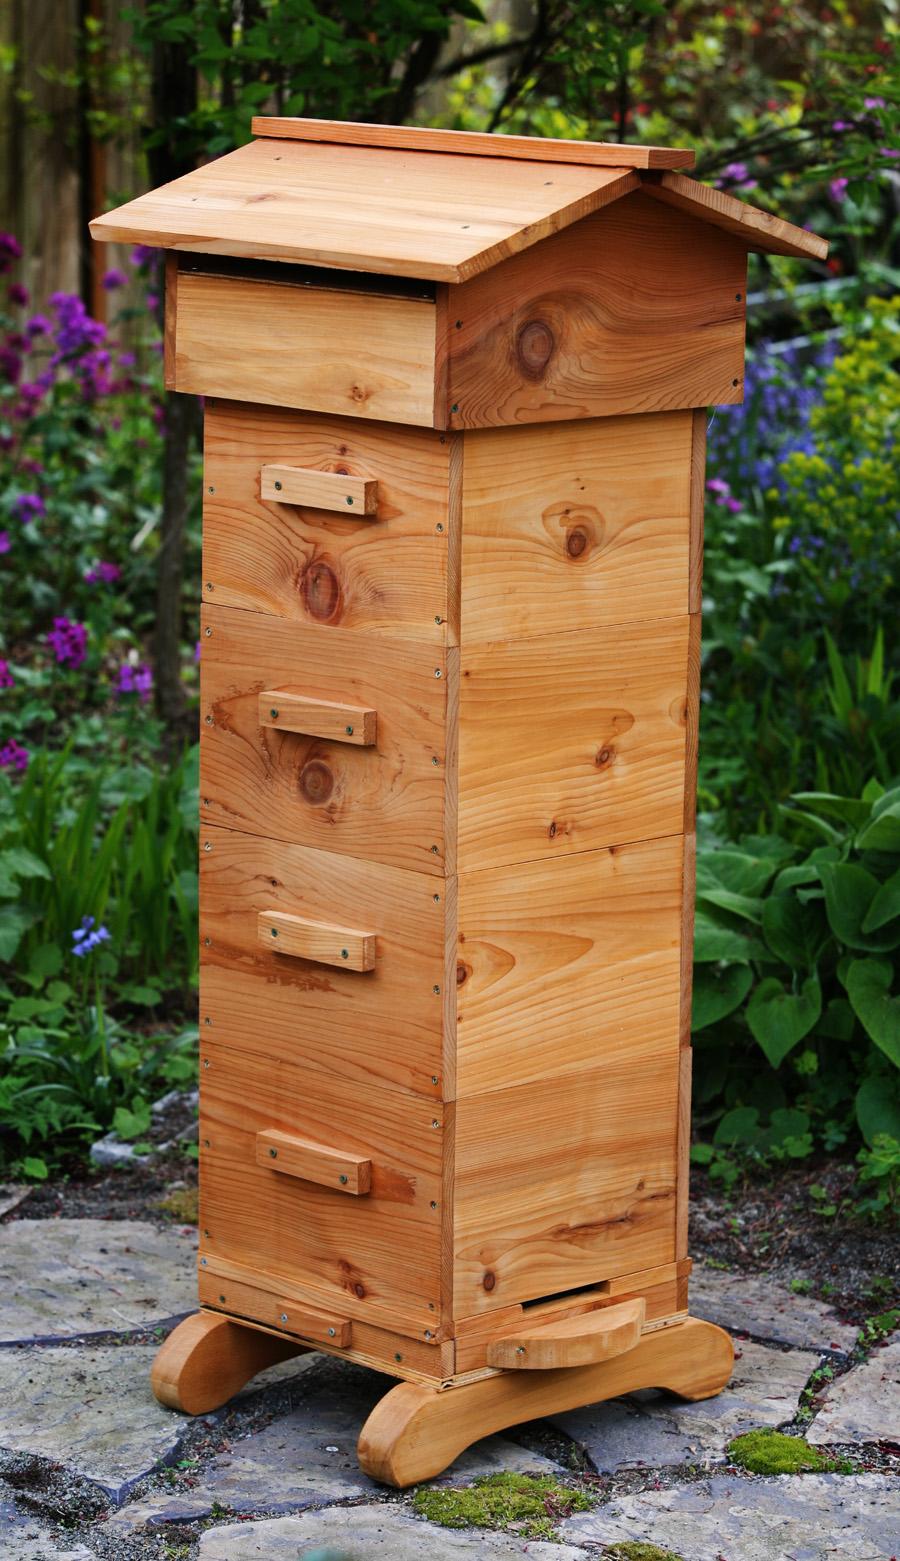 The Phozone: Honey Bees